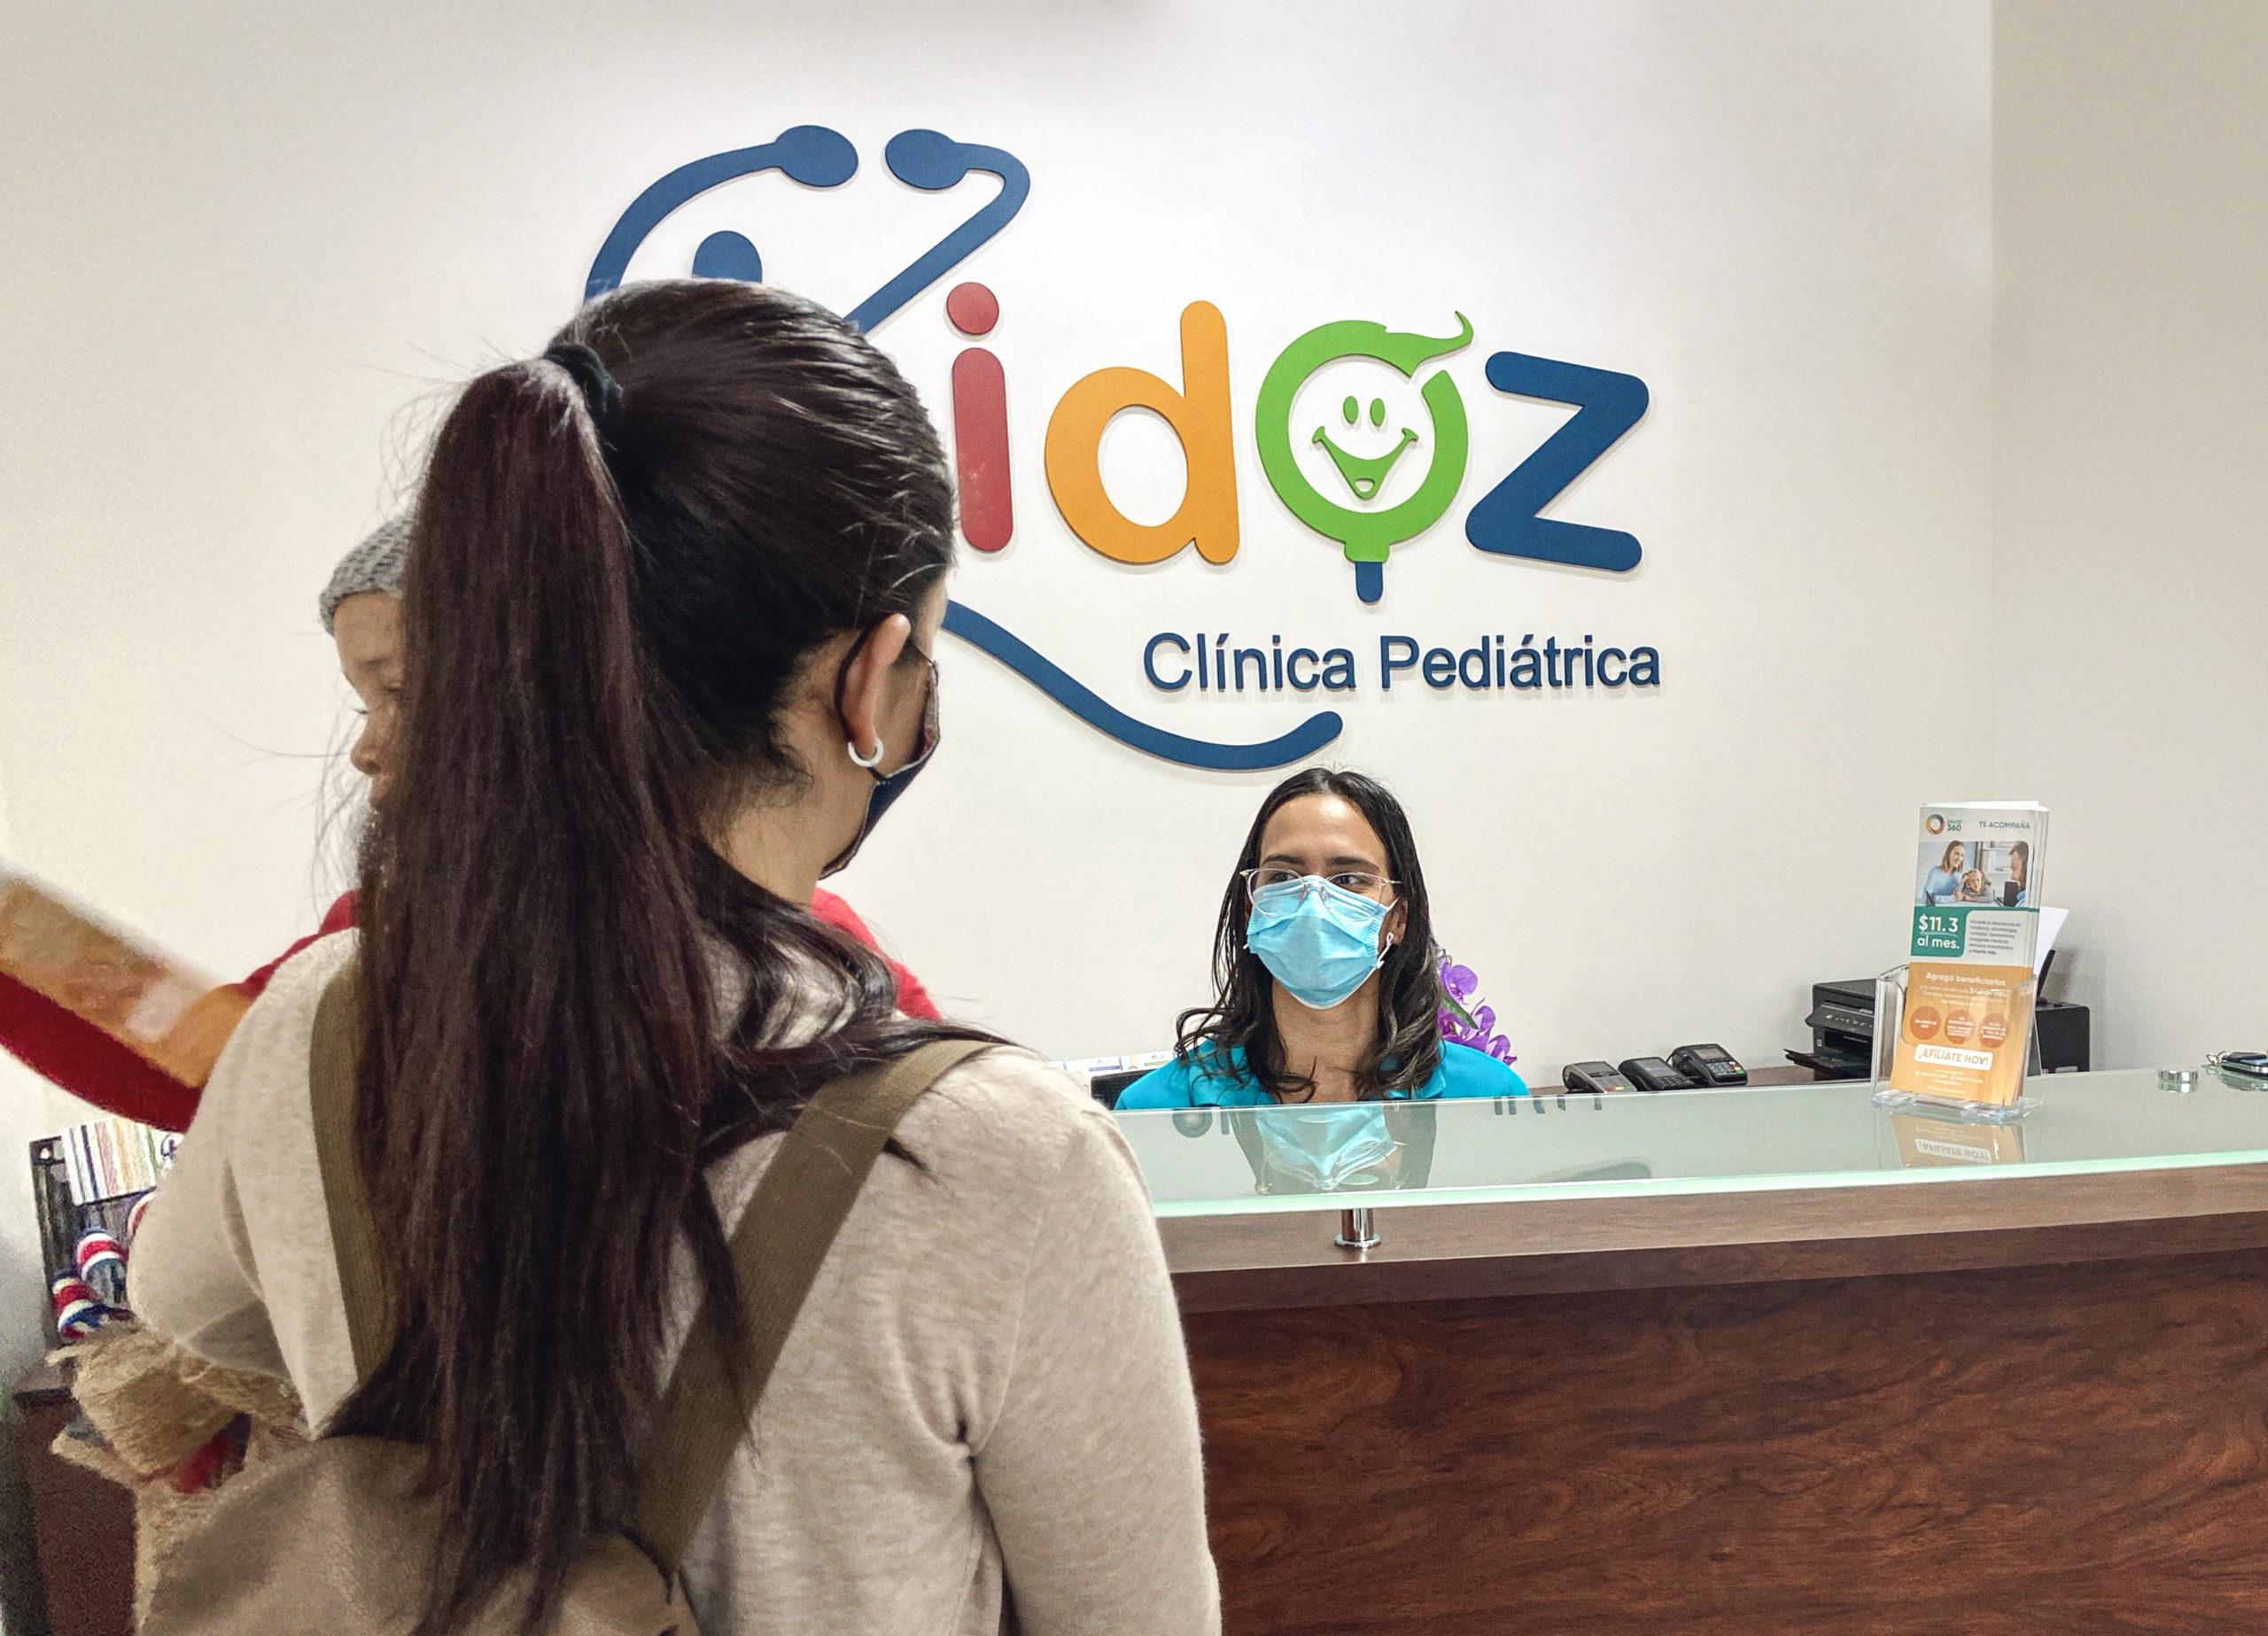 Grupo de profesionales de la salud, crean un sistema para atender a pacientes a bajo costo